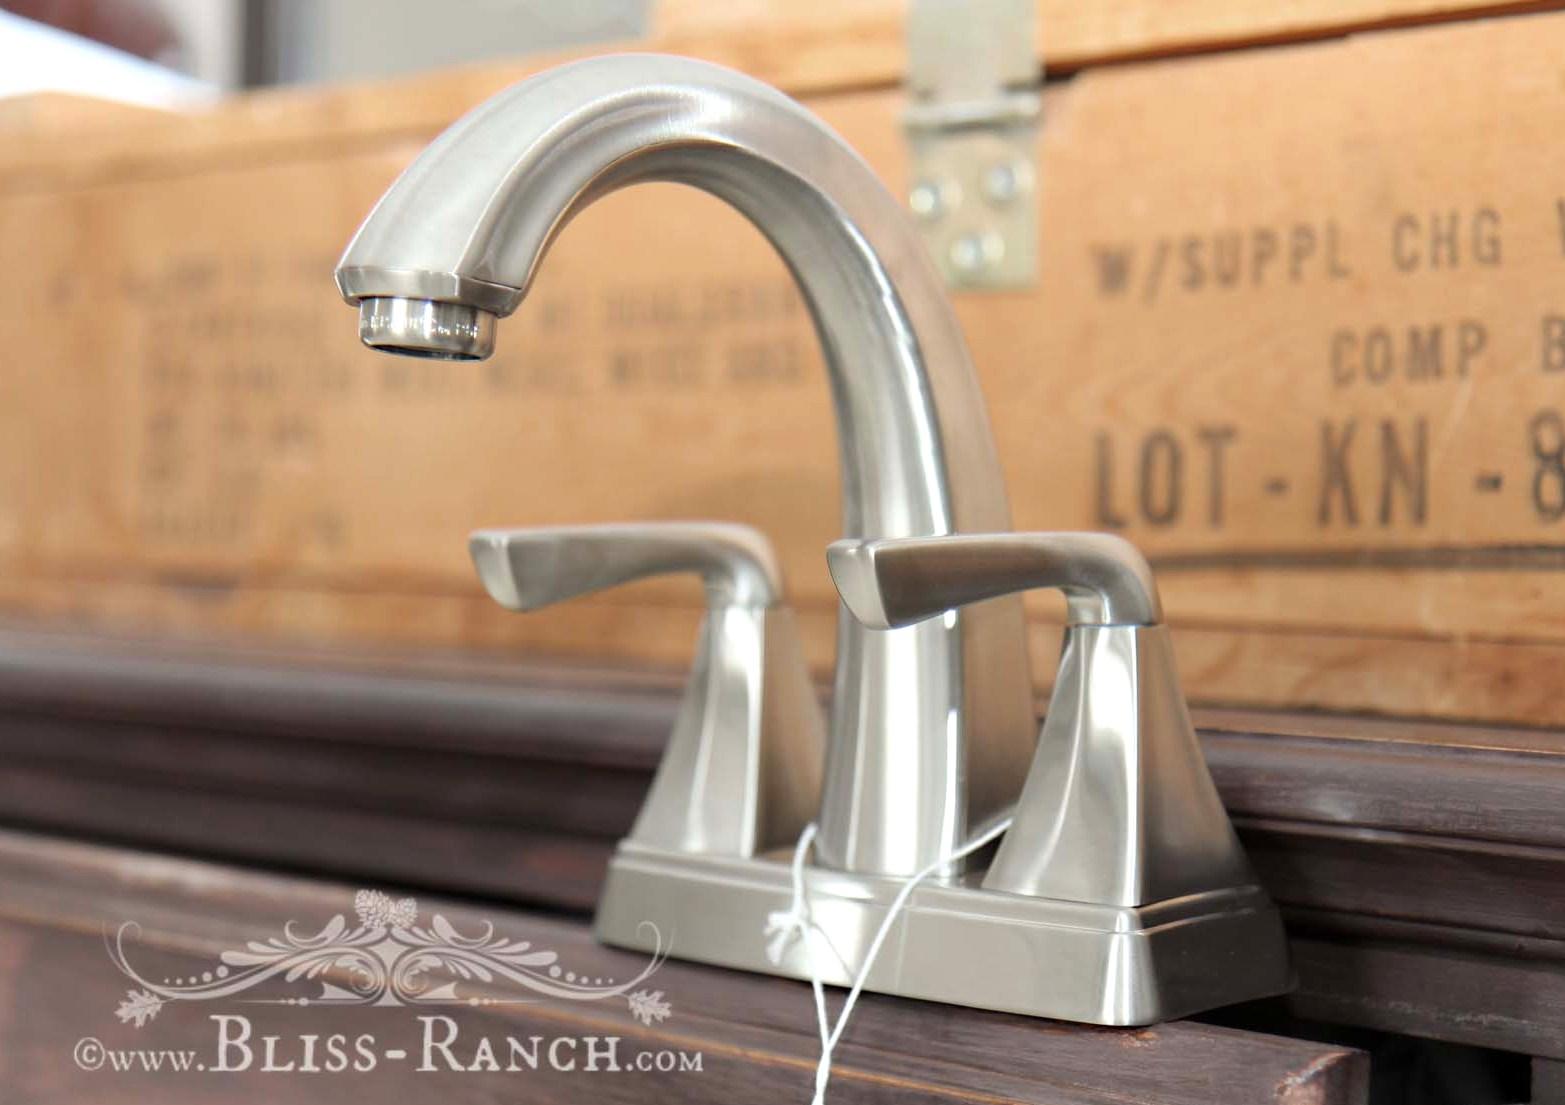 Pfister Kitchen Faucet.Pfister Kitchen Faucet Sprayer Repair ...